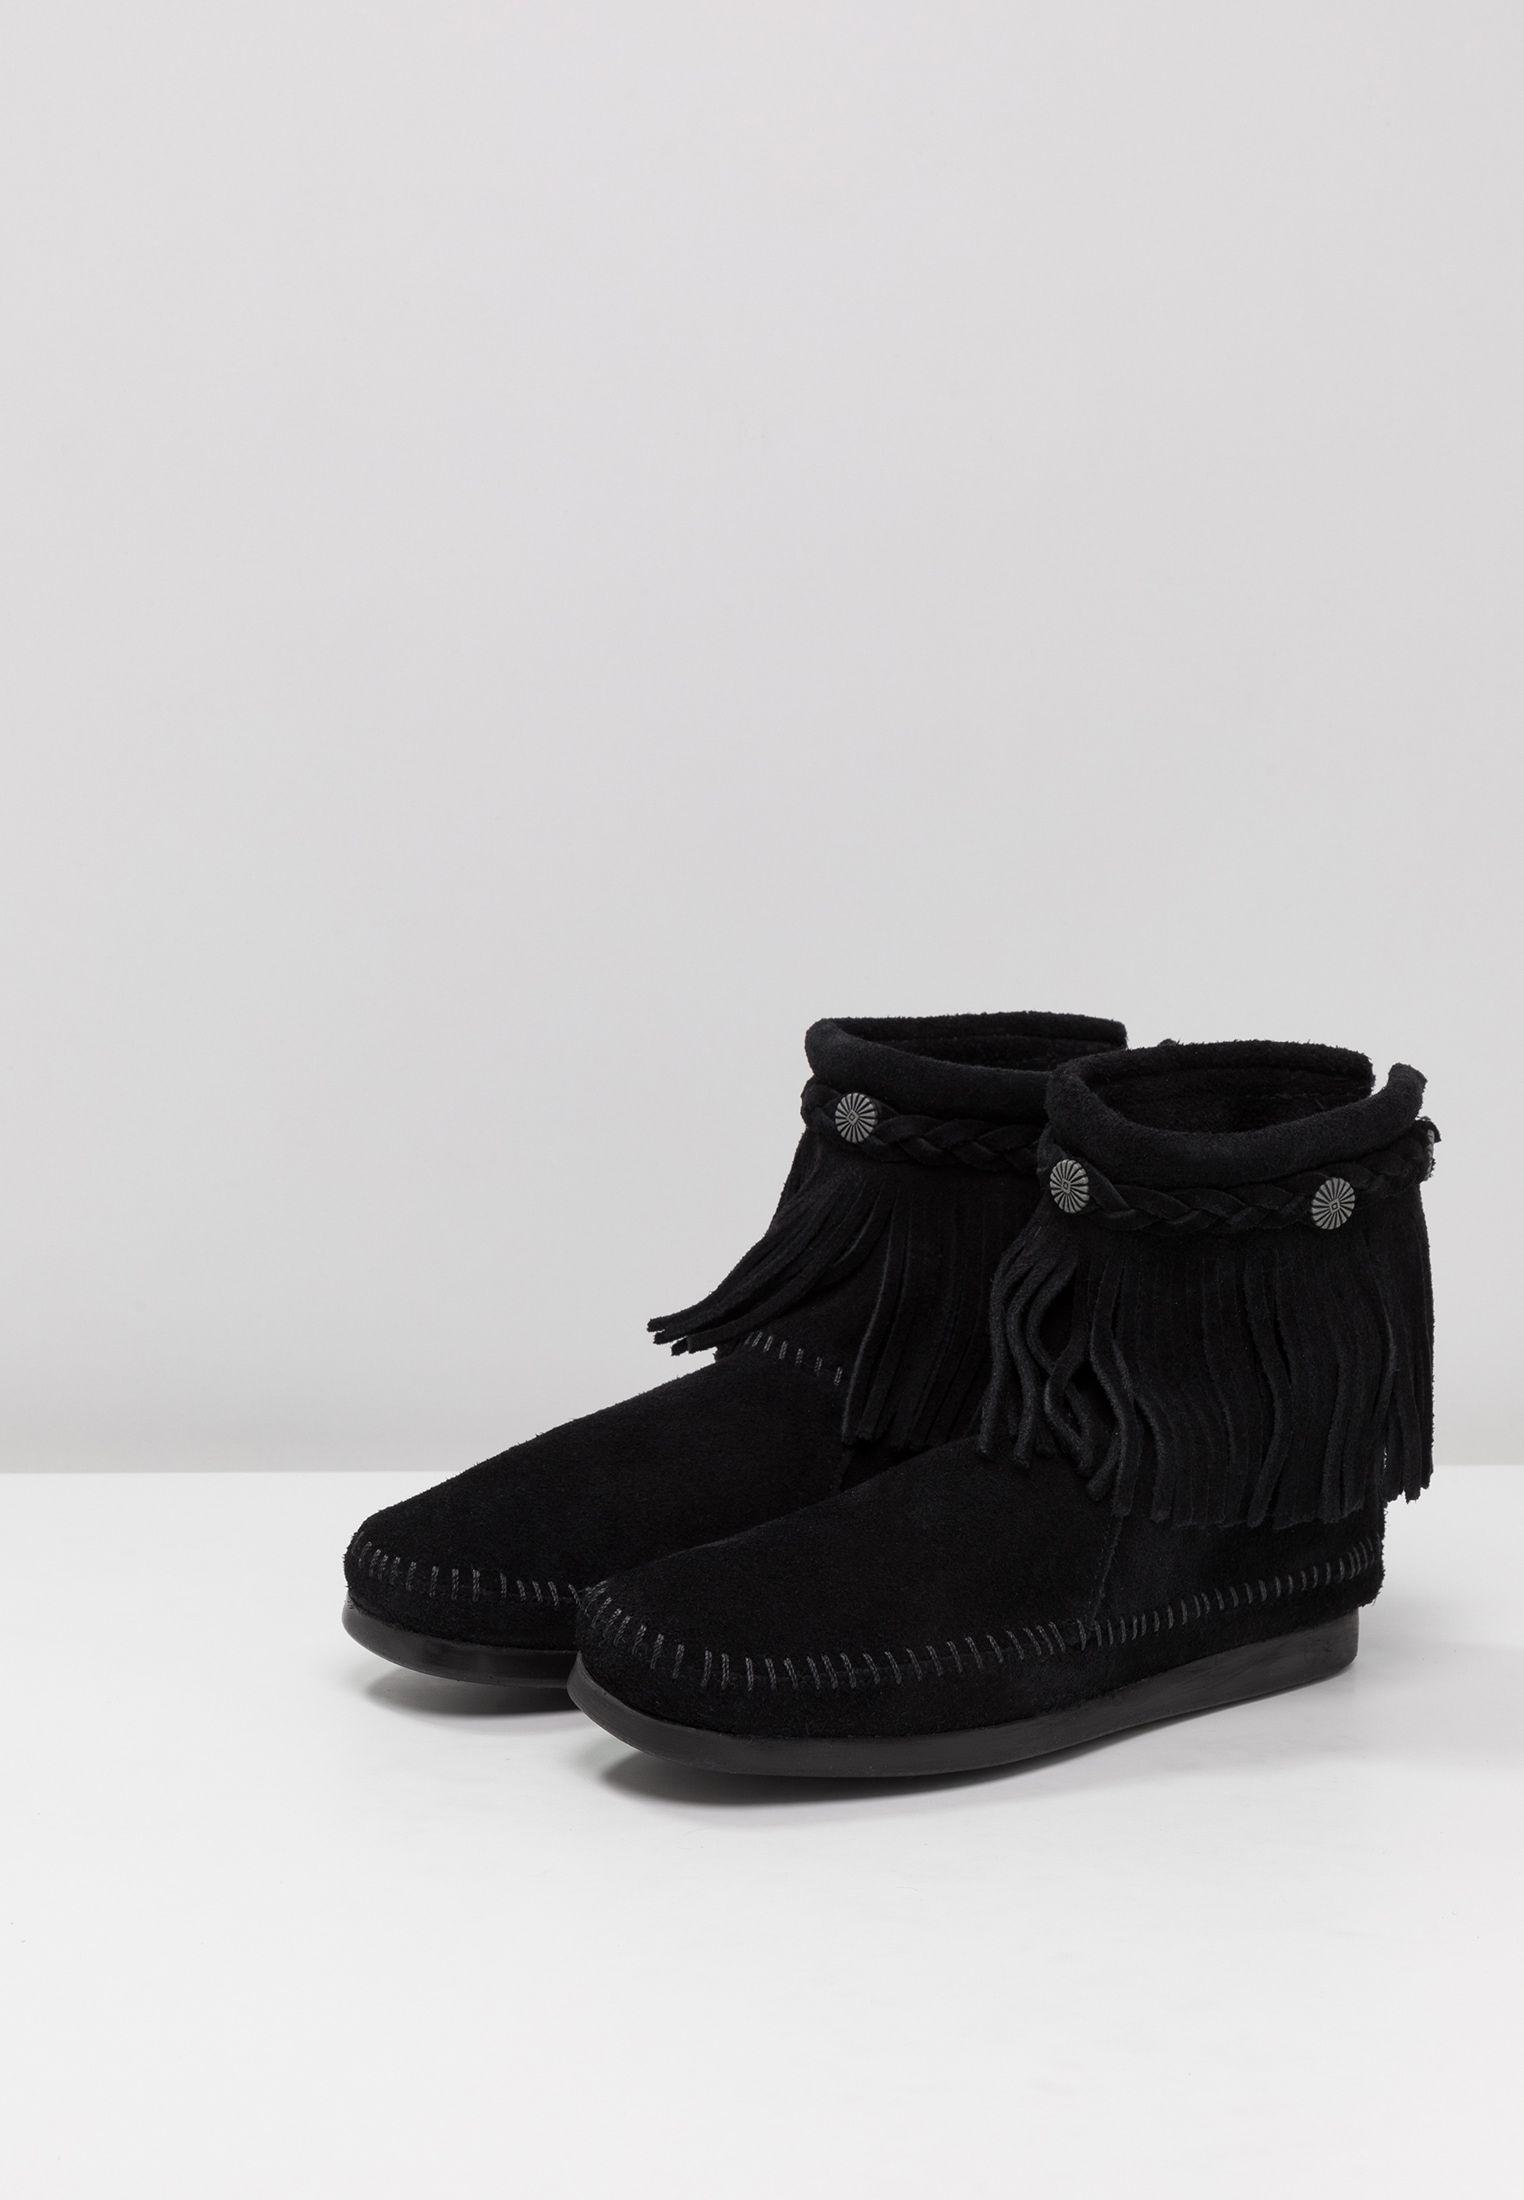 d72d6a9616a50 Minnetonka HI TOP BACK ZIP BOOT - Classic ankle boots - black - Zalando.co